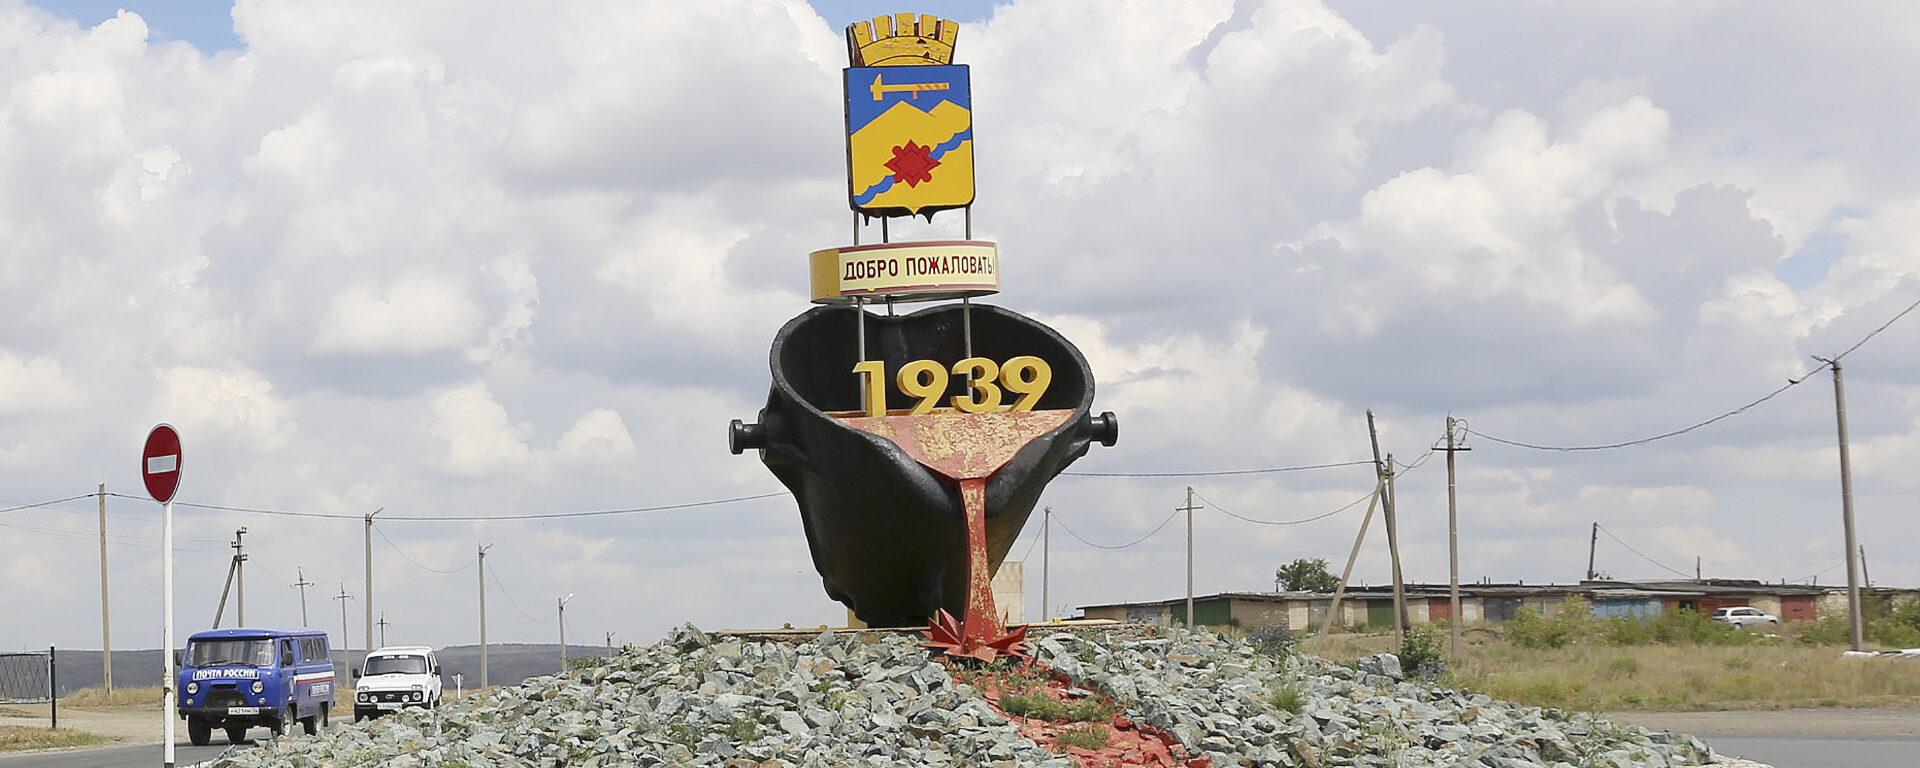 Незаурядный арт-объект Медногорска (Оренбургская область)